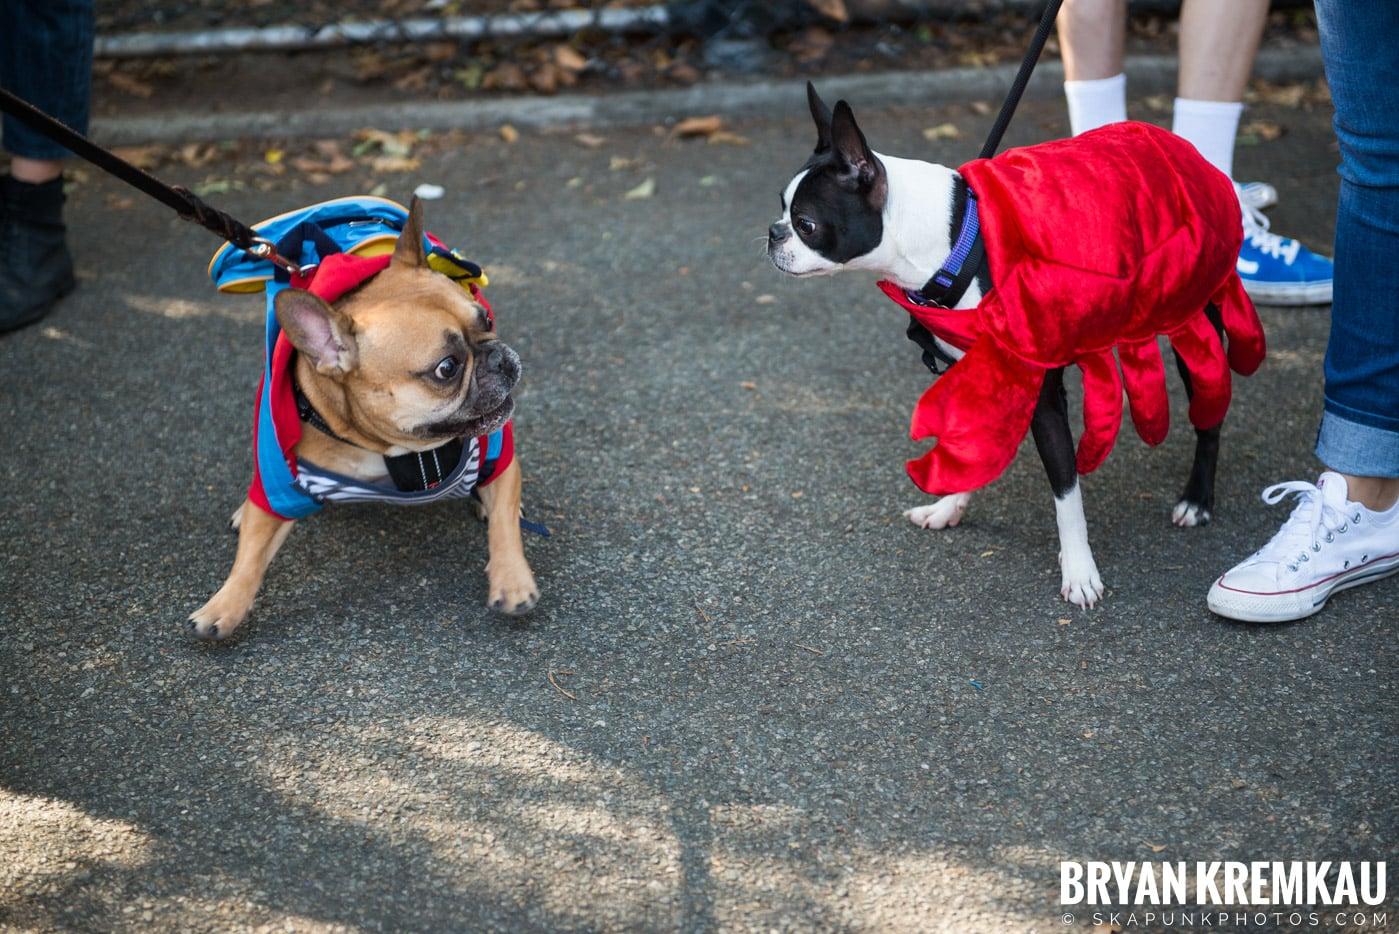 Tompkins Square Park Halloween Dog Parade 2017 @ Tompkins Square Park, NYC - 10.21.17 (15)